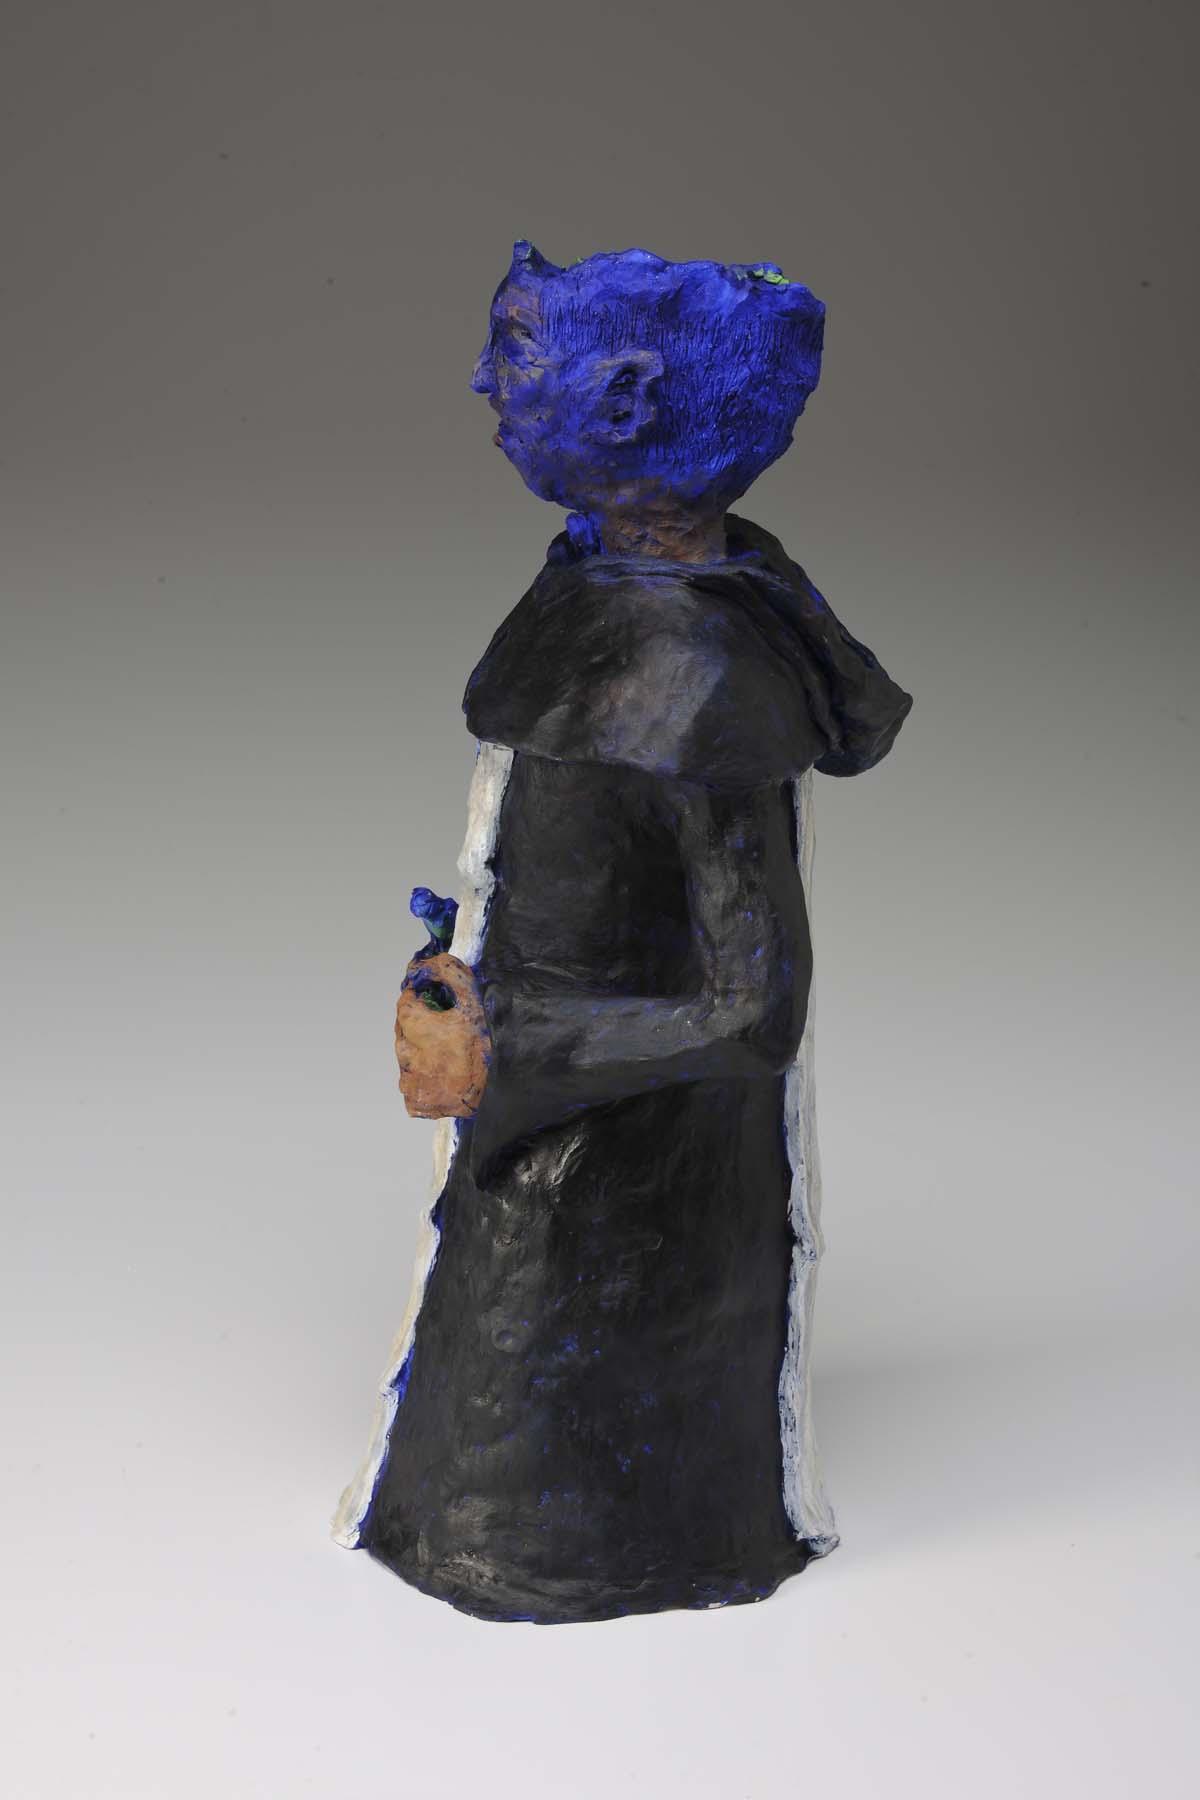 Meister_Eckhart_by_Sybil_Archibald_s3_1200-sculpture.jpg